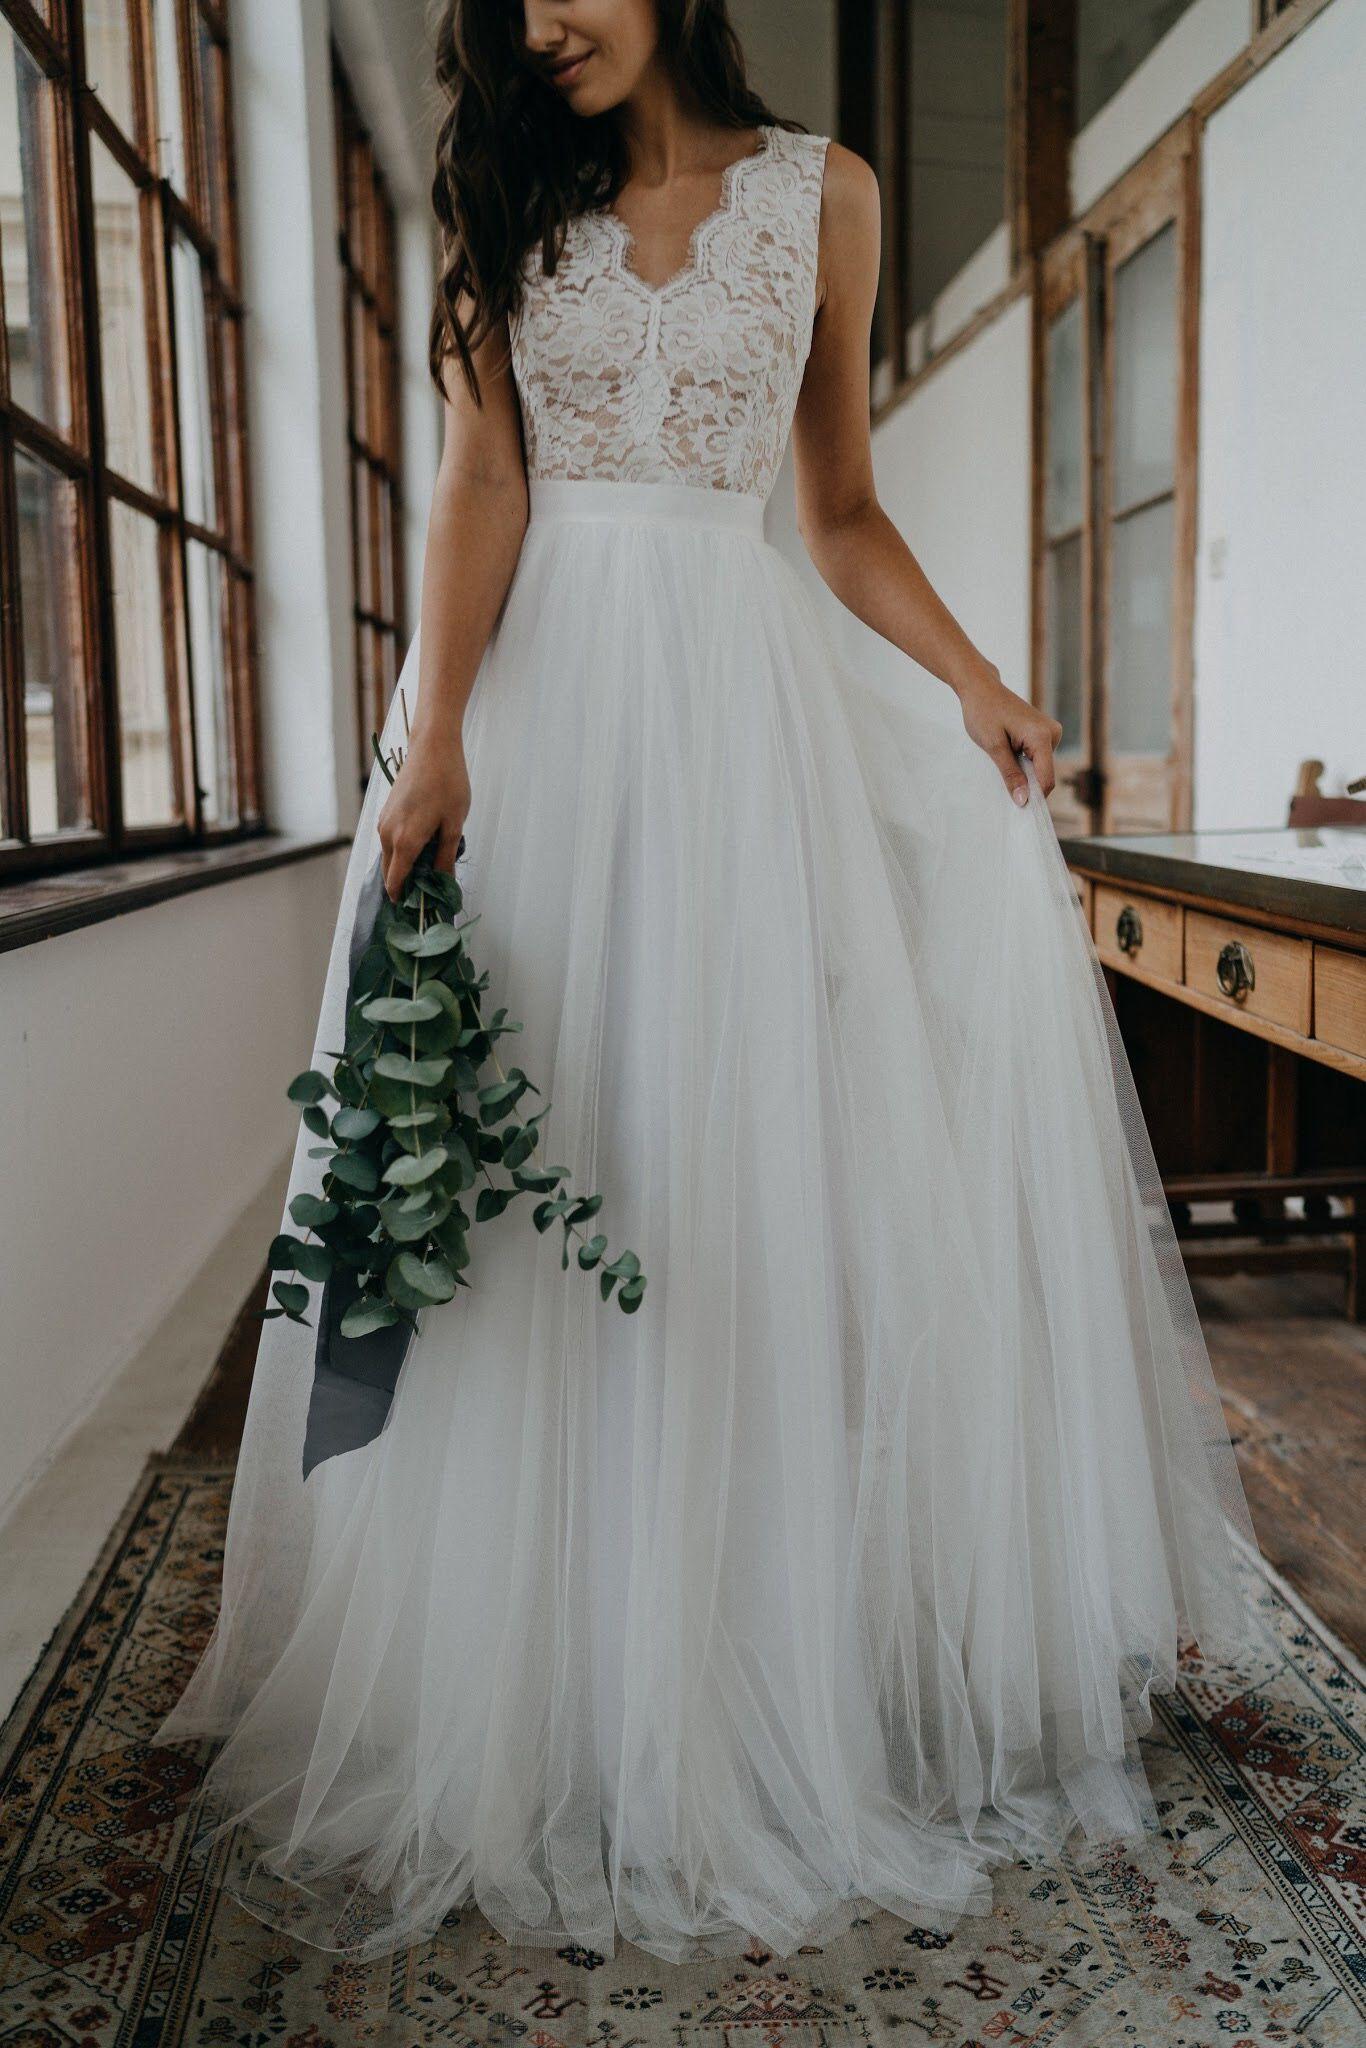 Photo of Dein einzigartiges Brautkleid nach Maß, handgefertigt aus feinsten Stoffen und …